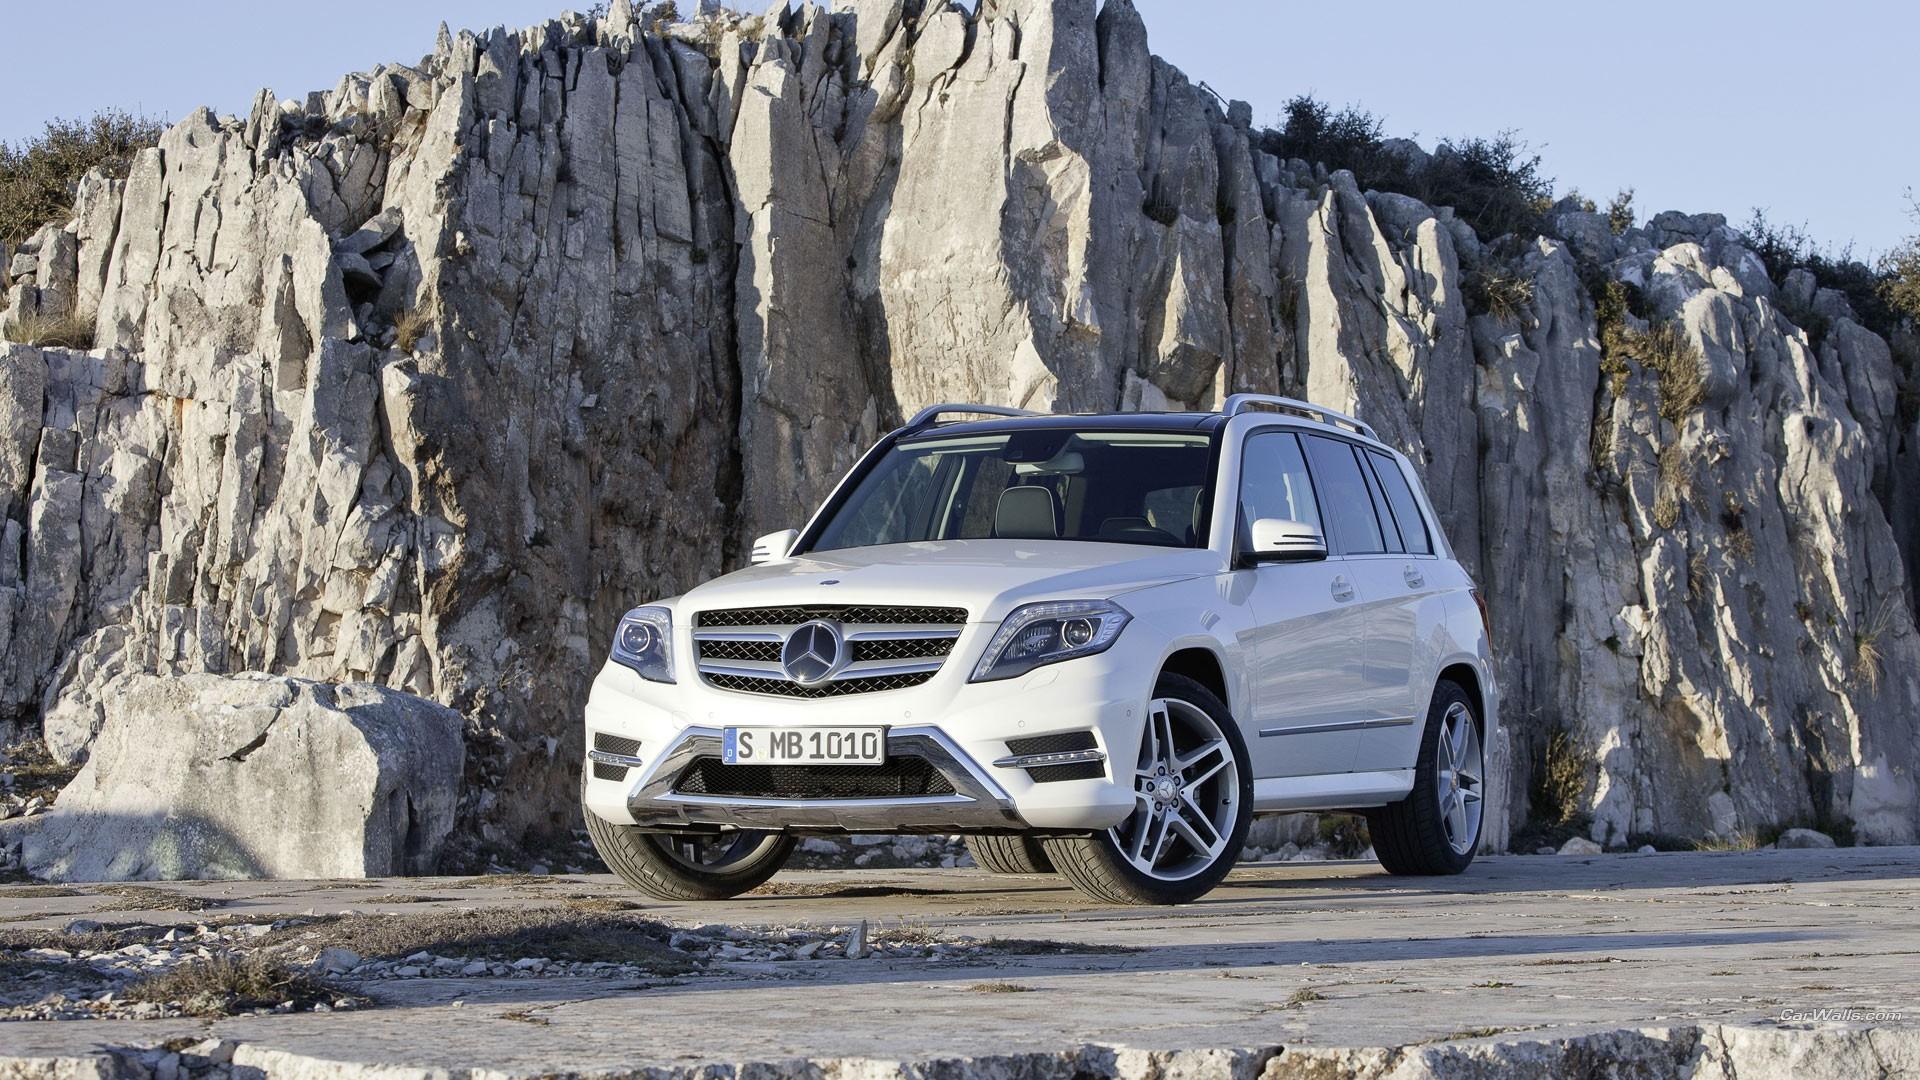 white cars mercedes-benz mercedes glk car vehicle numbers